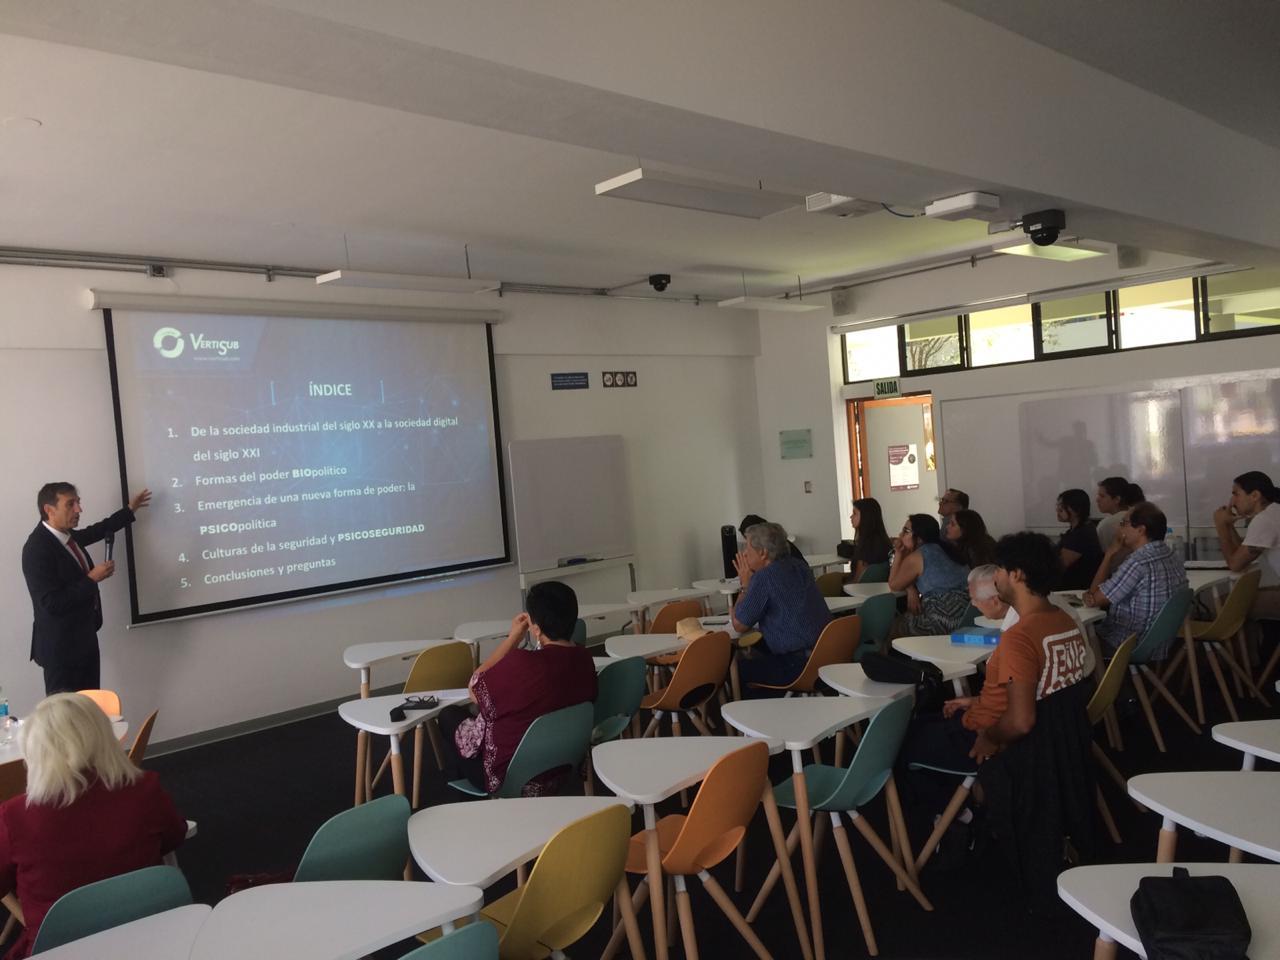 """Ciclo de conferencias """"Filosofía y vida"""" a cargo de Jesús Adrian Escudero [fotos y videos]"""